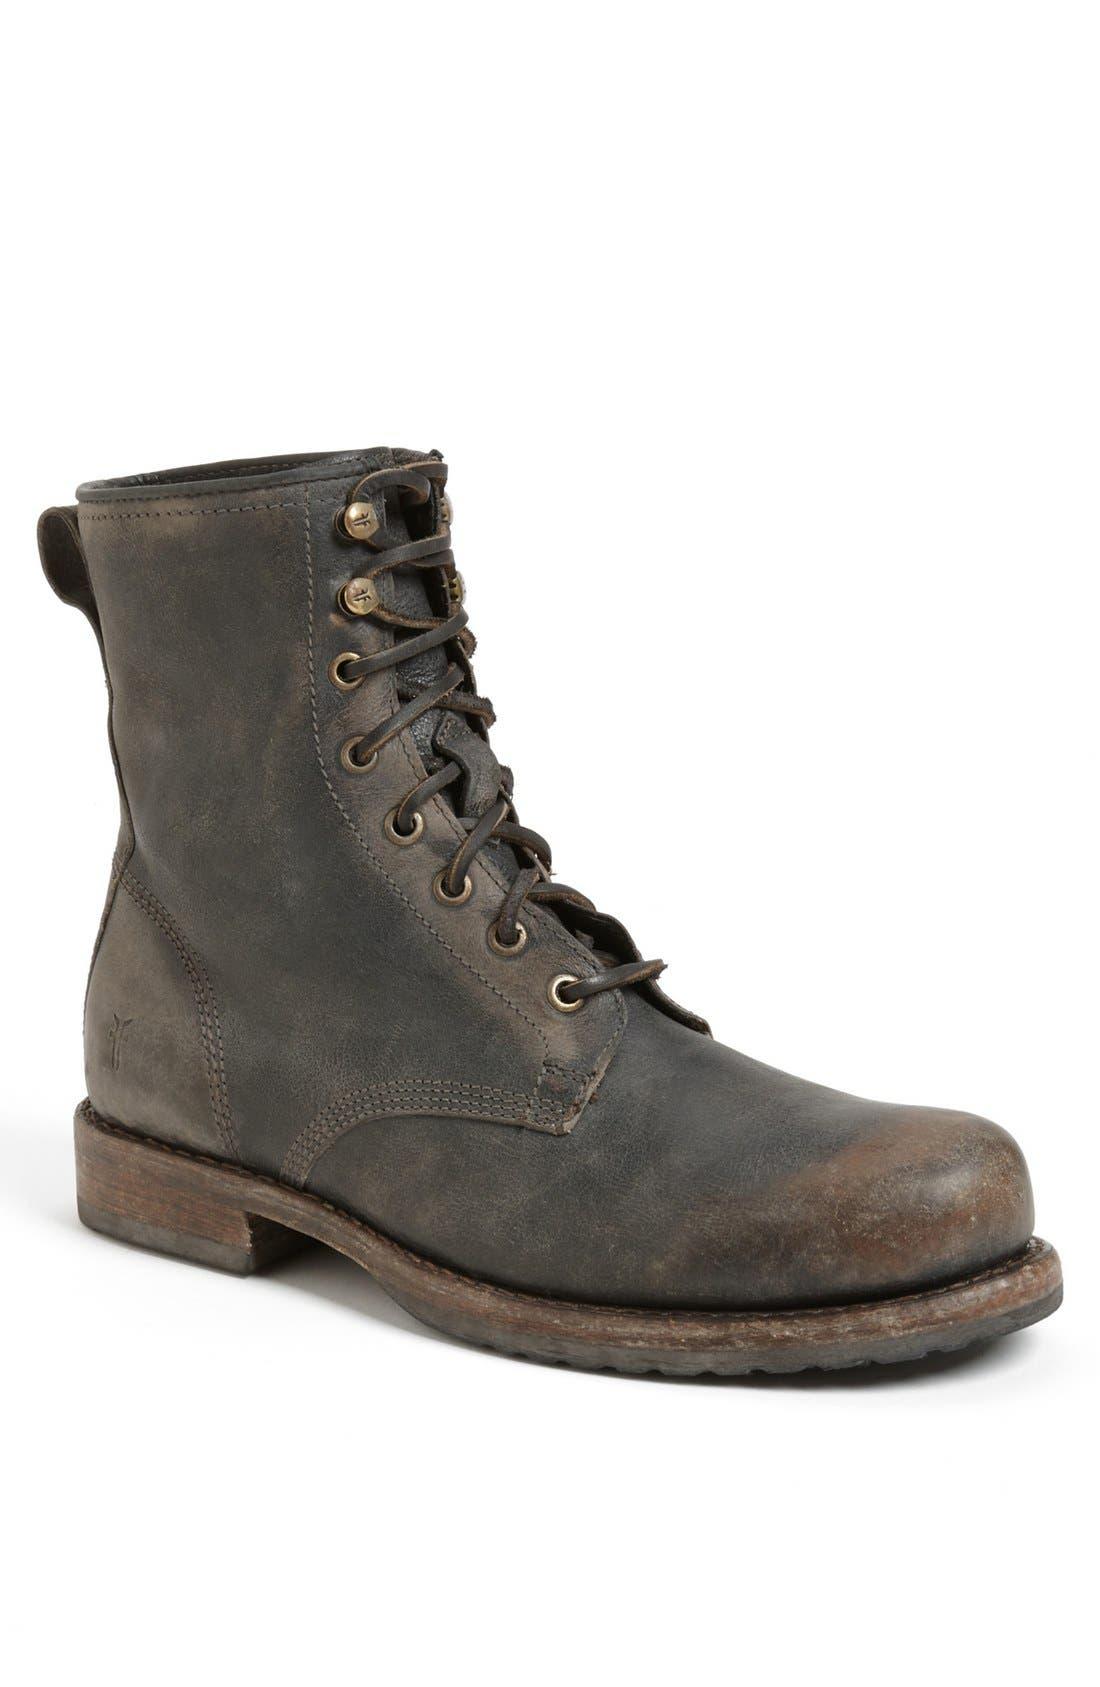 Alternate Image 1 Selected - Frye 'Wade' Boot (Men)